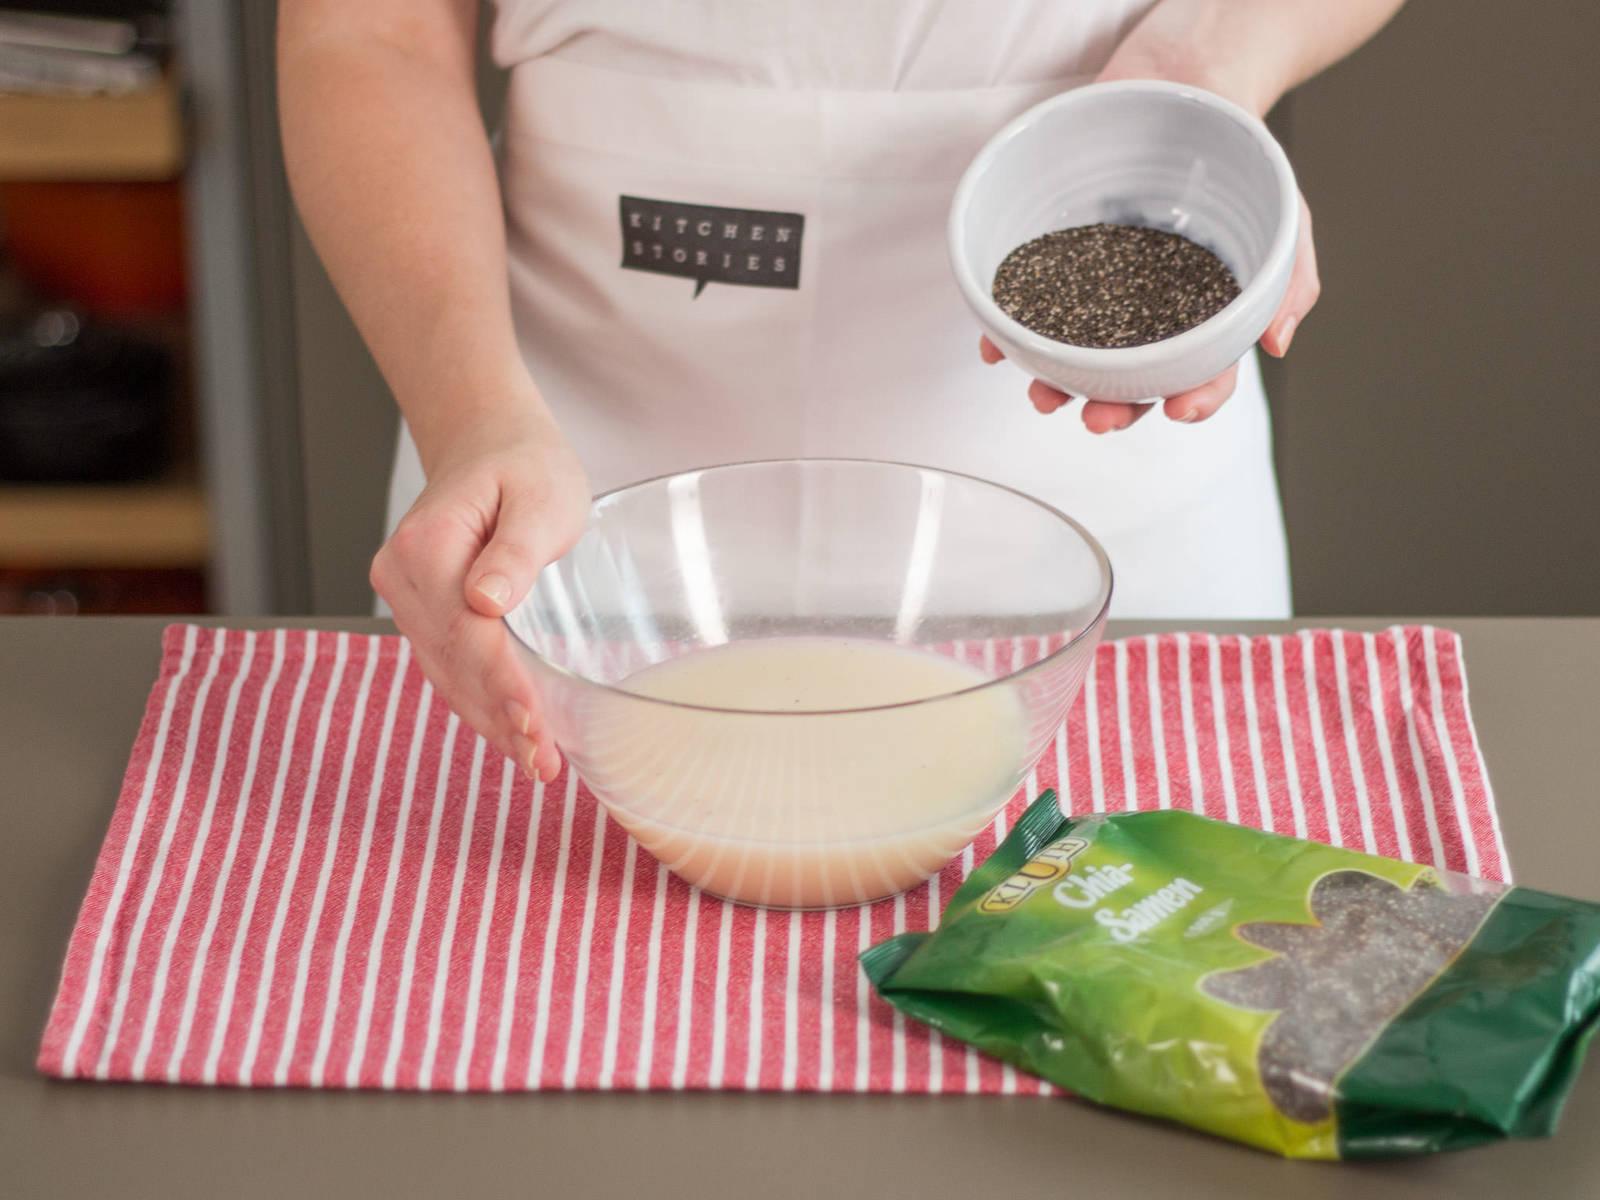 将米糊倒进大碗中。捞去香草豆荚和肉桂棒。倒入奇亚籽,浸泡15-20分钟。